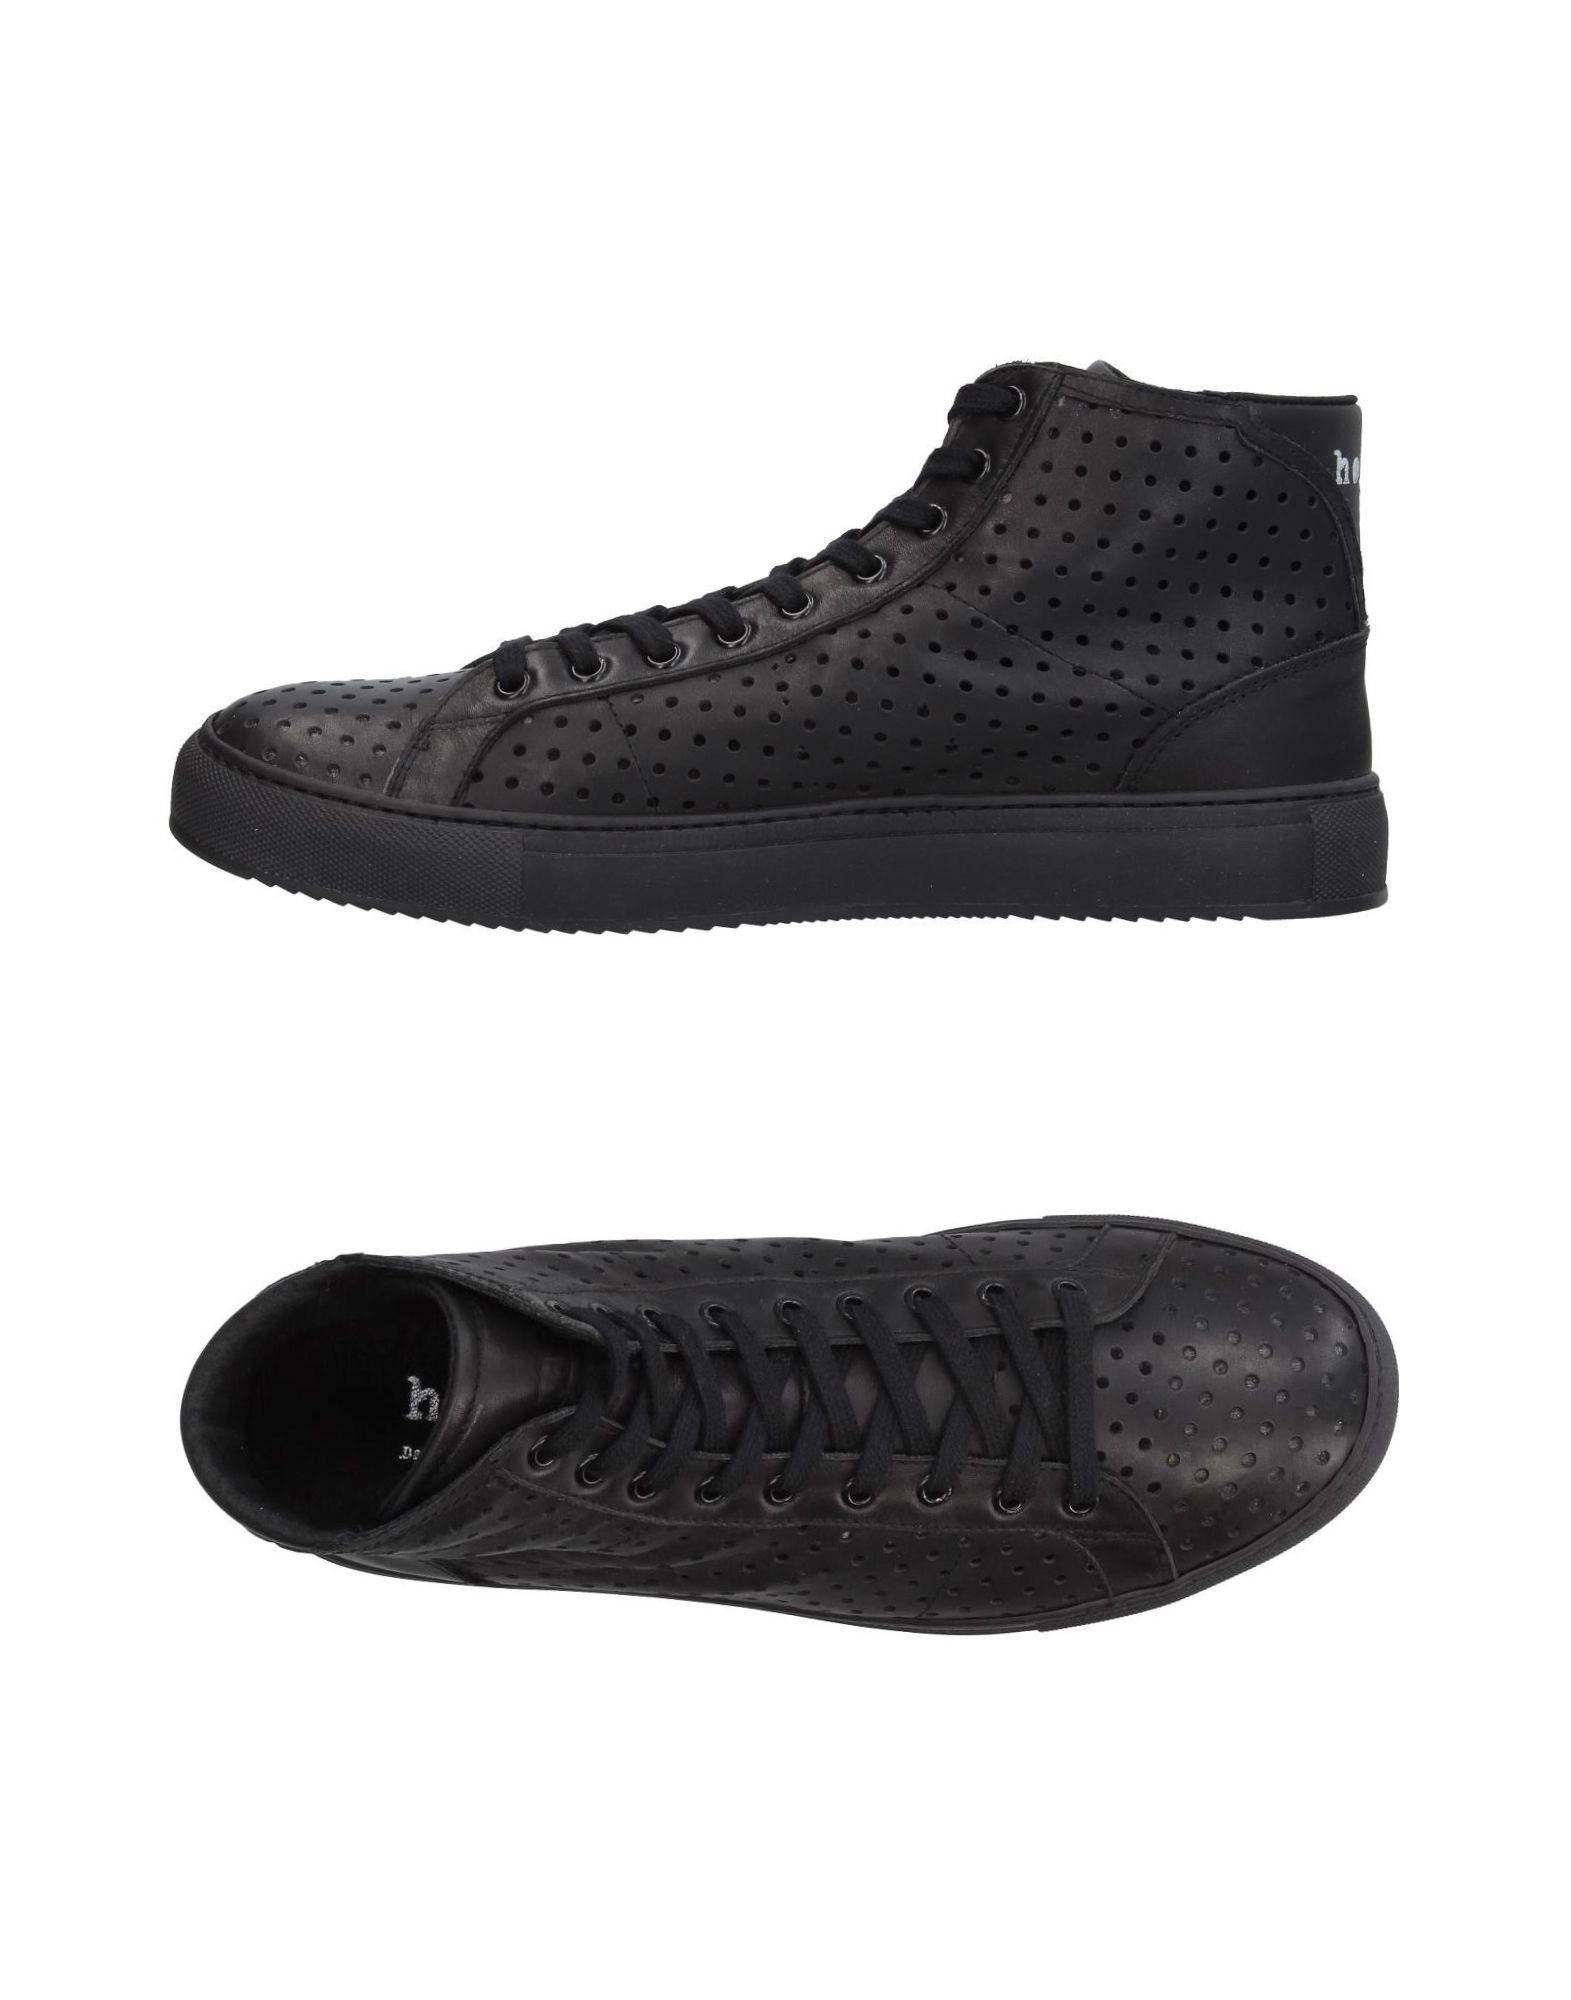 Daniele Alessandrini Homme Sneakers Herren  11400815MC Neue Schuhe